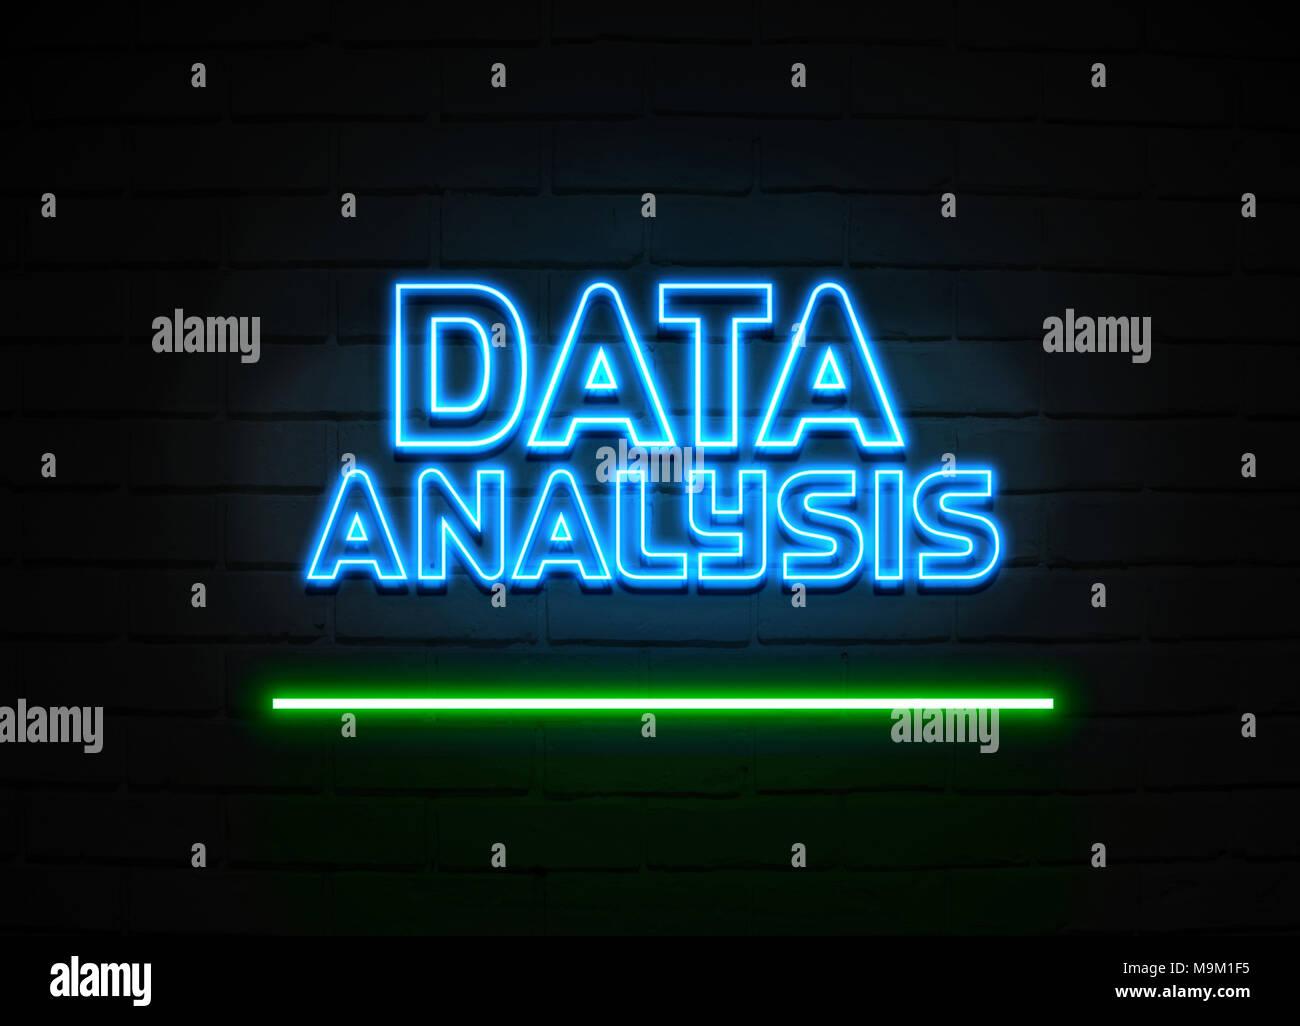 Analisi dei dati di segno al neon - Neon incandescente segno sulla parete brickwall - 3D reso Royalty free stock illustrazione. Immagini Stock